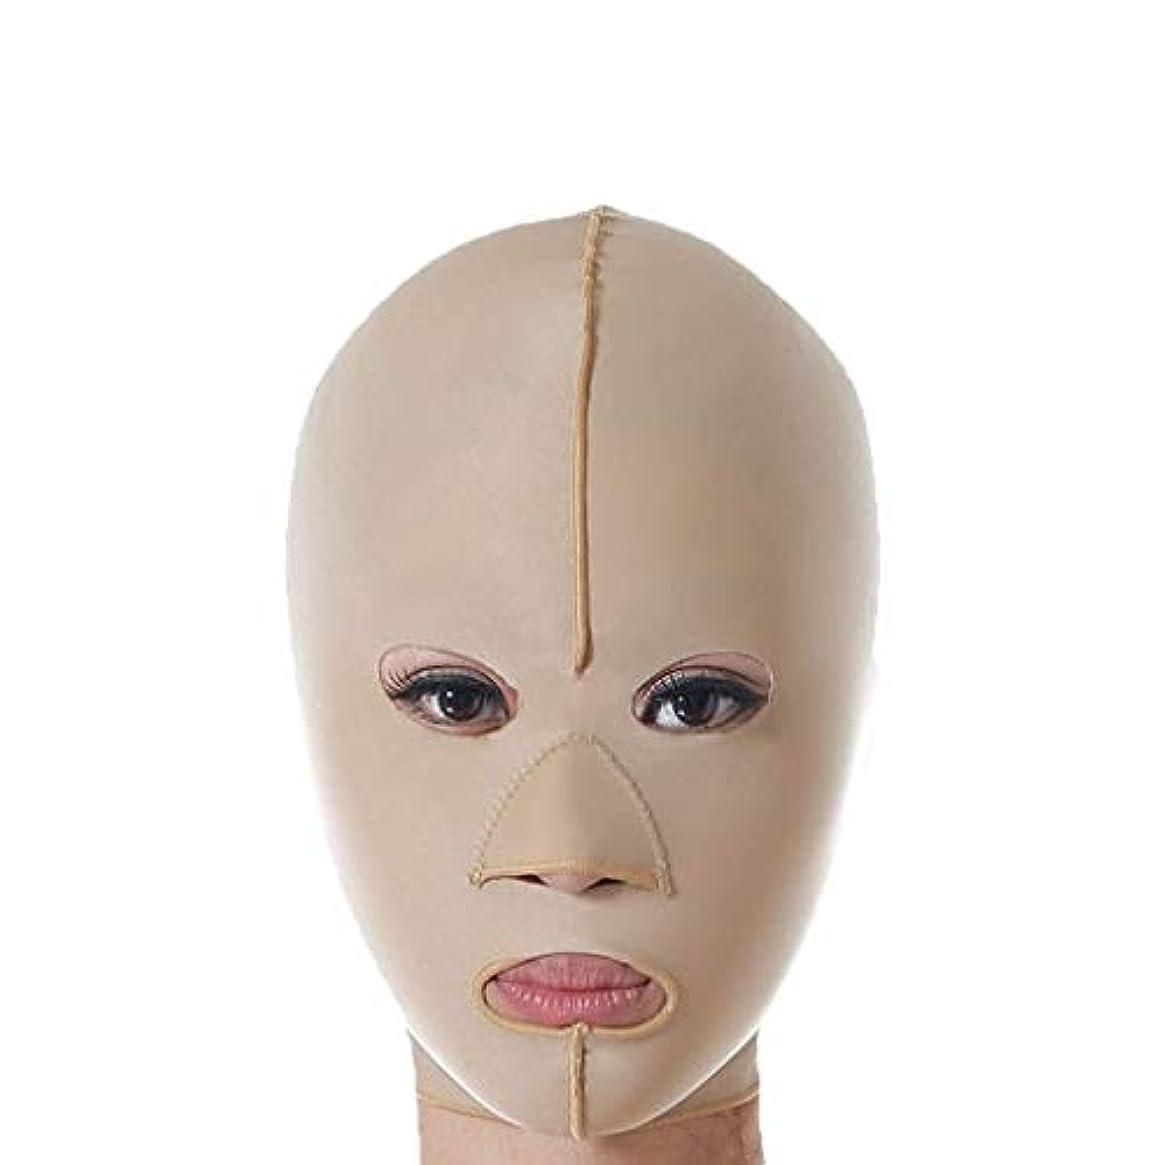 デュアル中マウス減量フェイスマスク、リフティング包帯、スリムフェイスリフトリフティングベルト、フェイシャル減量リフティング包帯、リフティングファーミング包帯(サイズ:XL),ザ?